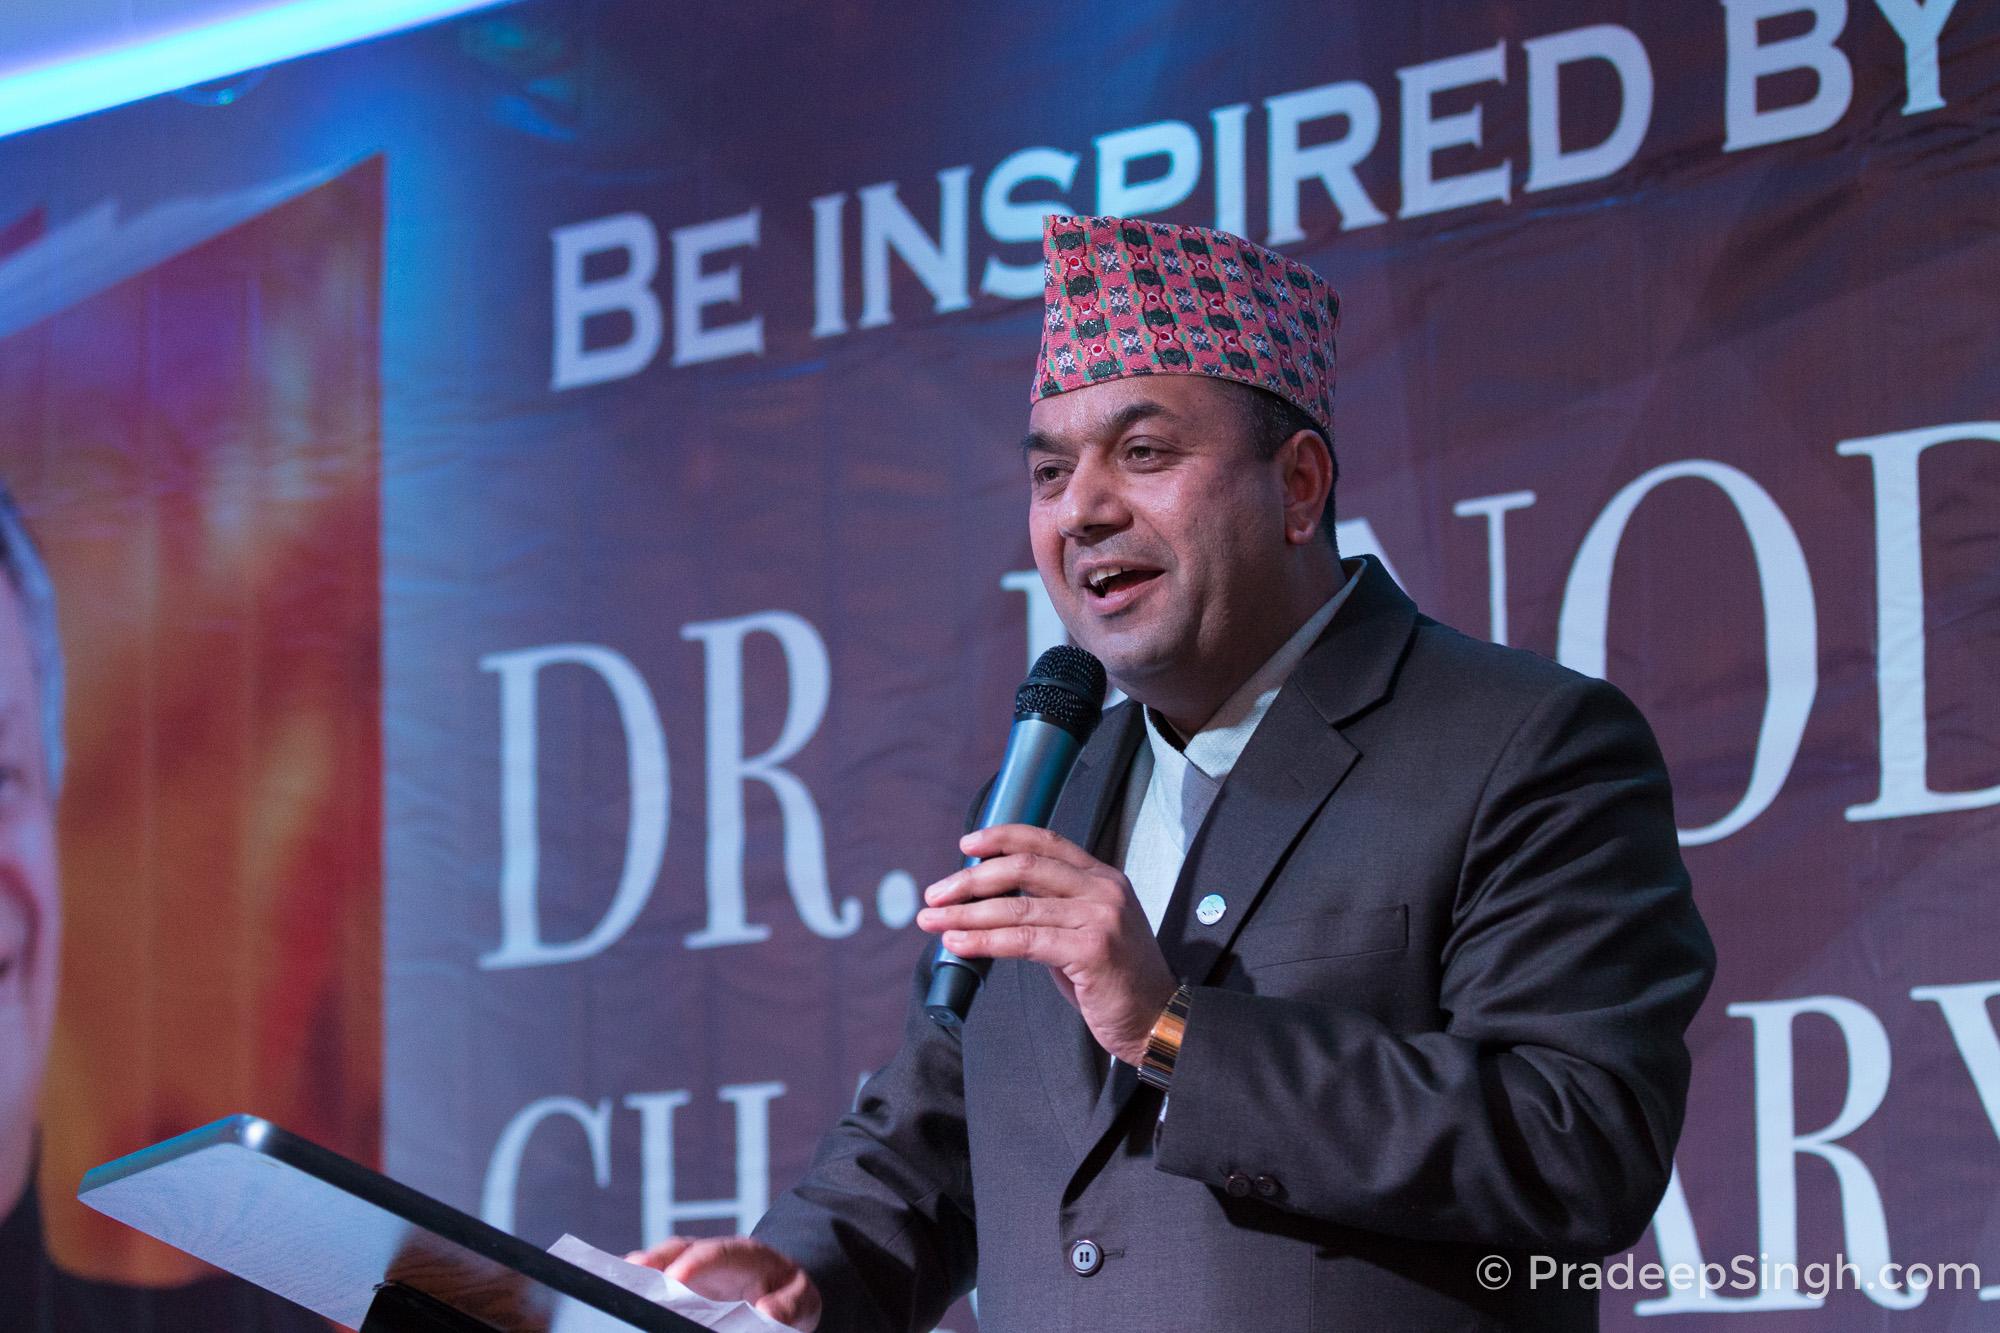 NRNA Europe Coordinator Mr. Kul Acharya at Binod Chaudhary London Pradeep Singh Photo-1201